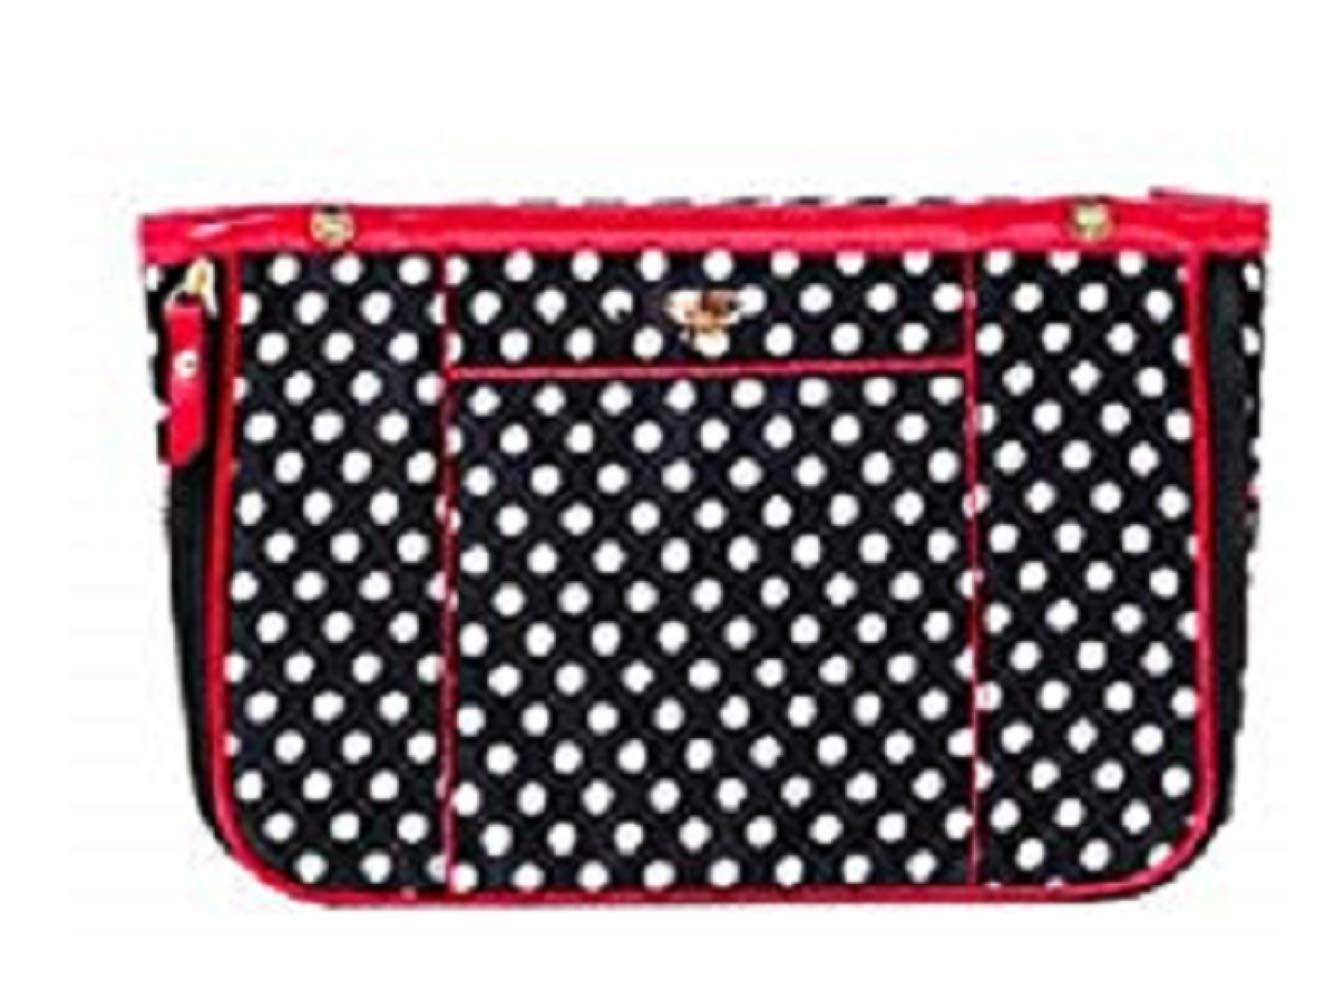 PurseN Handbag Organizer Insert (Medium, Marilyn)